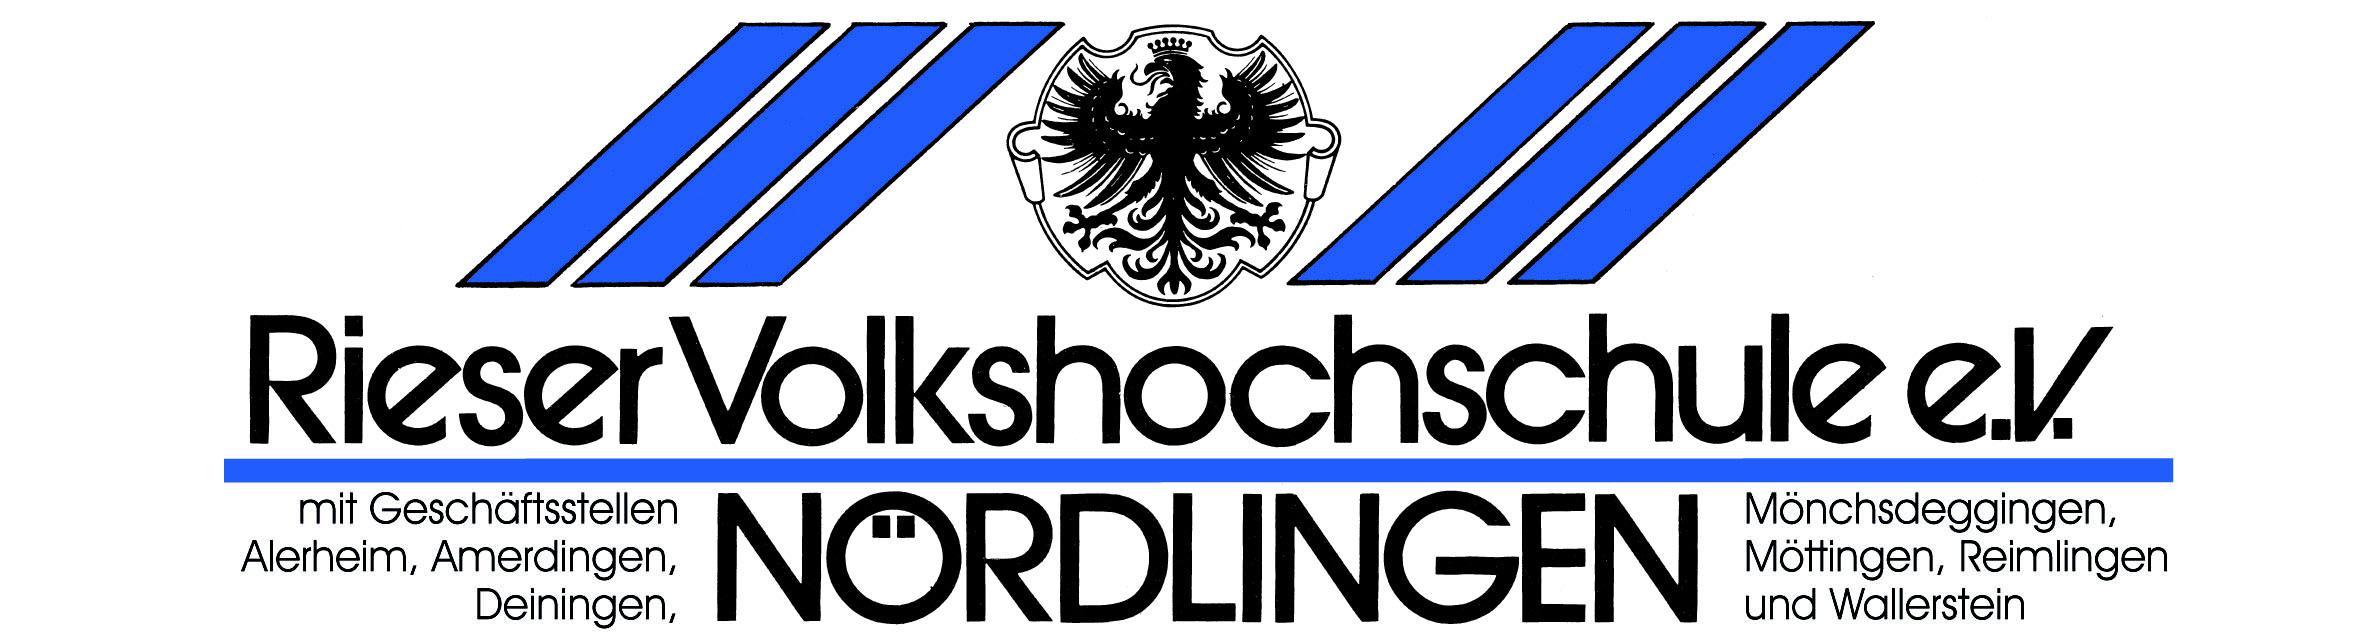 VHS blau ohne Wappen 2012.eps